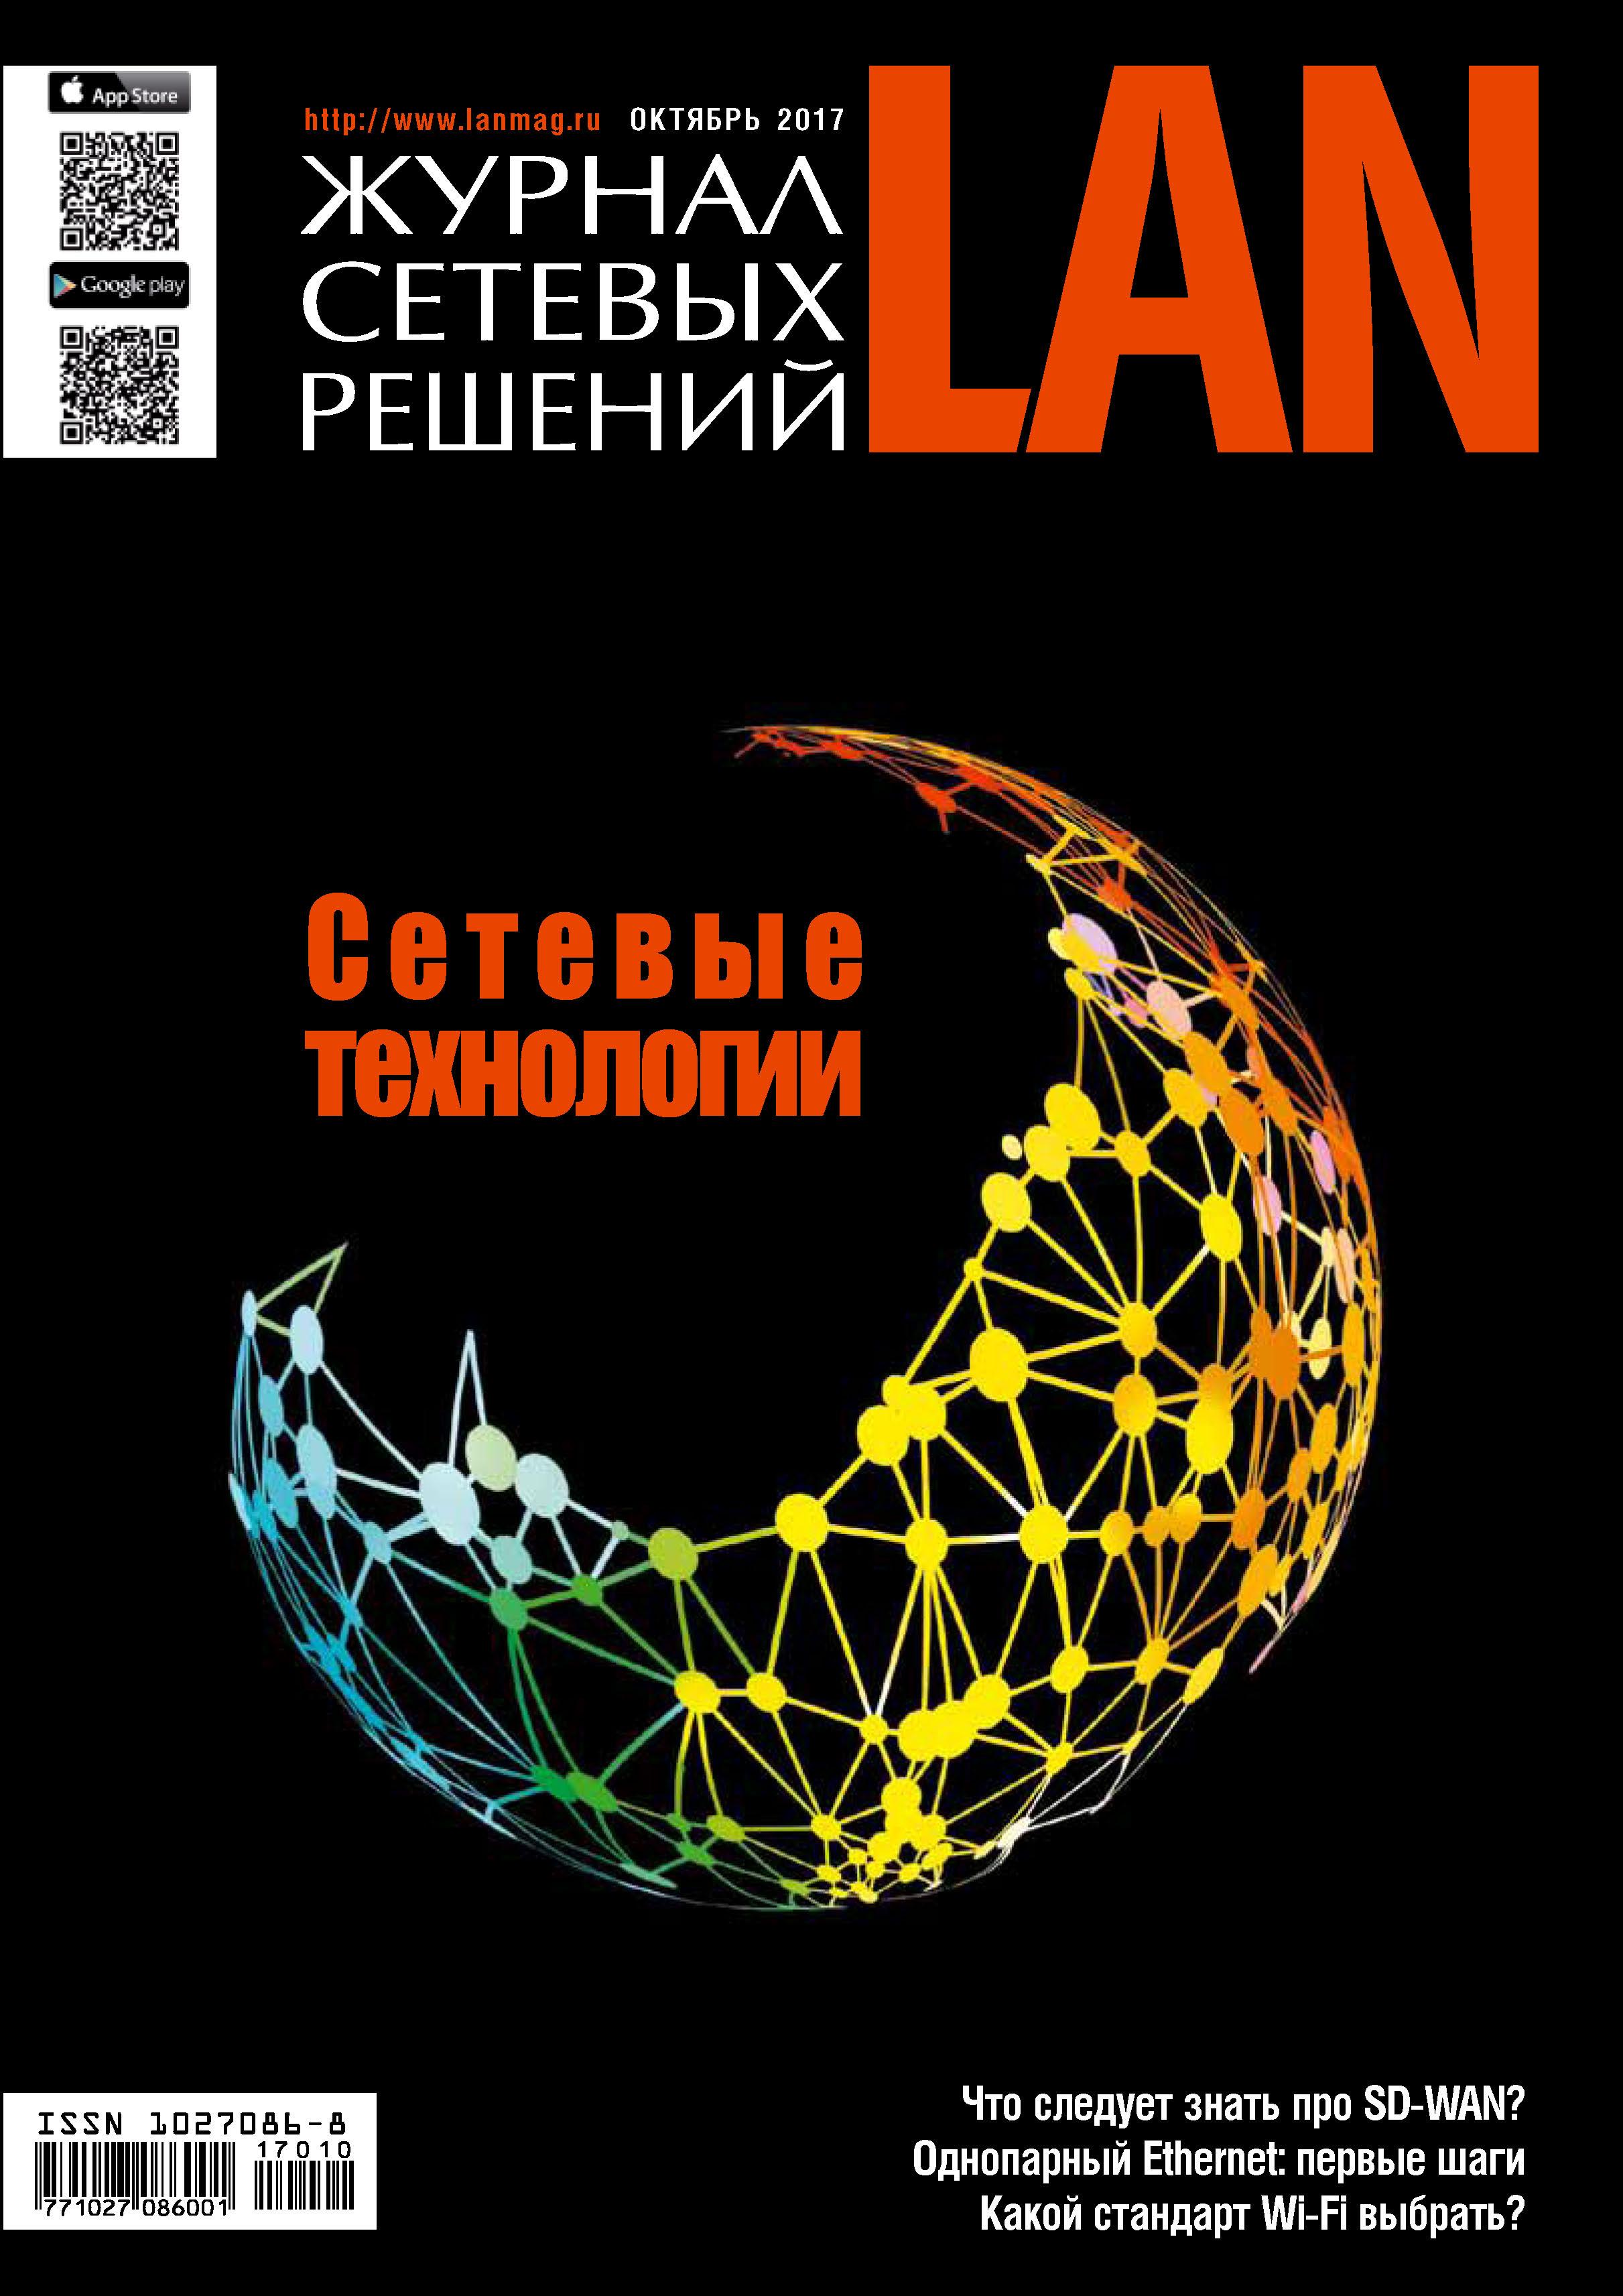 Открытые системы Журнал сетевых решений / LAN №10/2017 цены онлайн